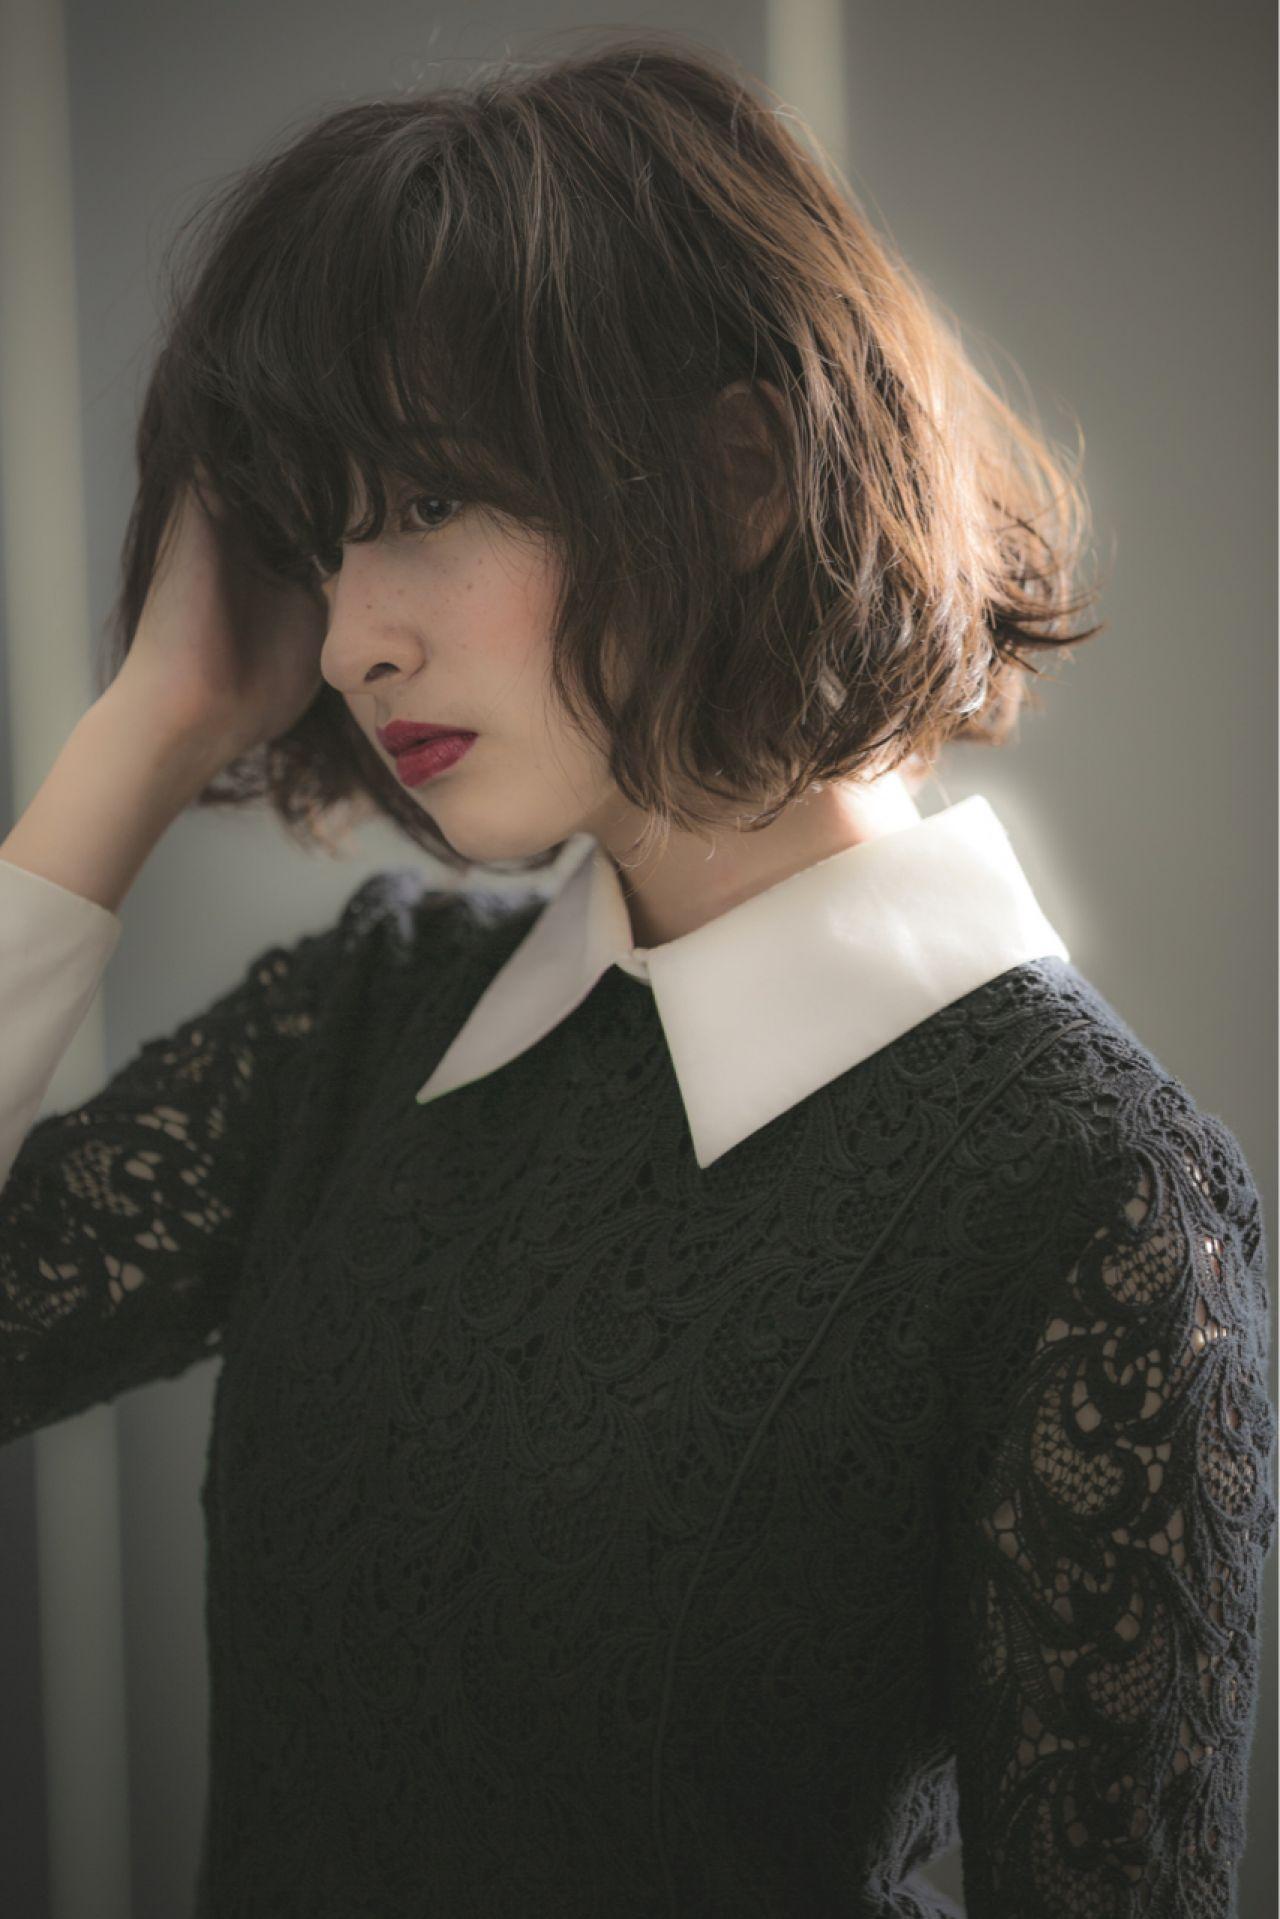 春夏のトレンドカラーはブラック!シックなコーディネートに似合うヘアスタイルとは…? 世良 綾花 / ACQUA omotesando